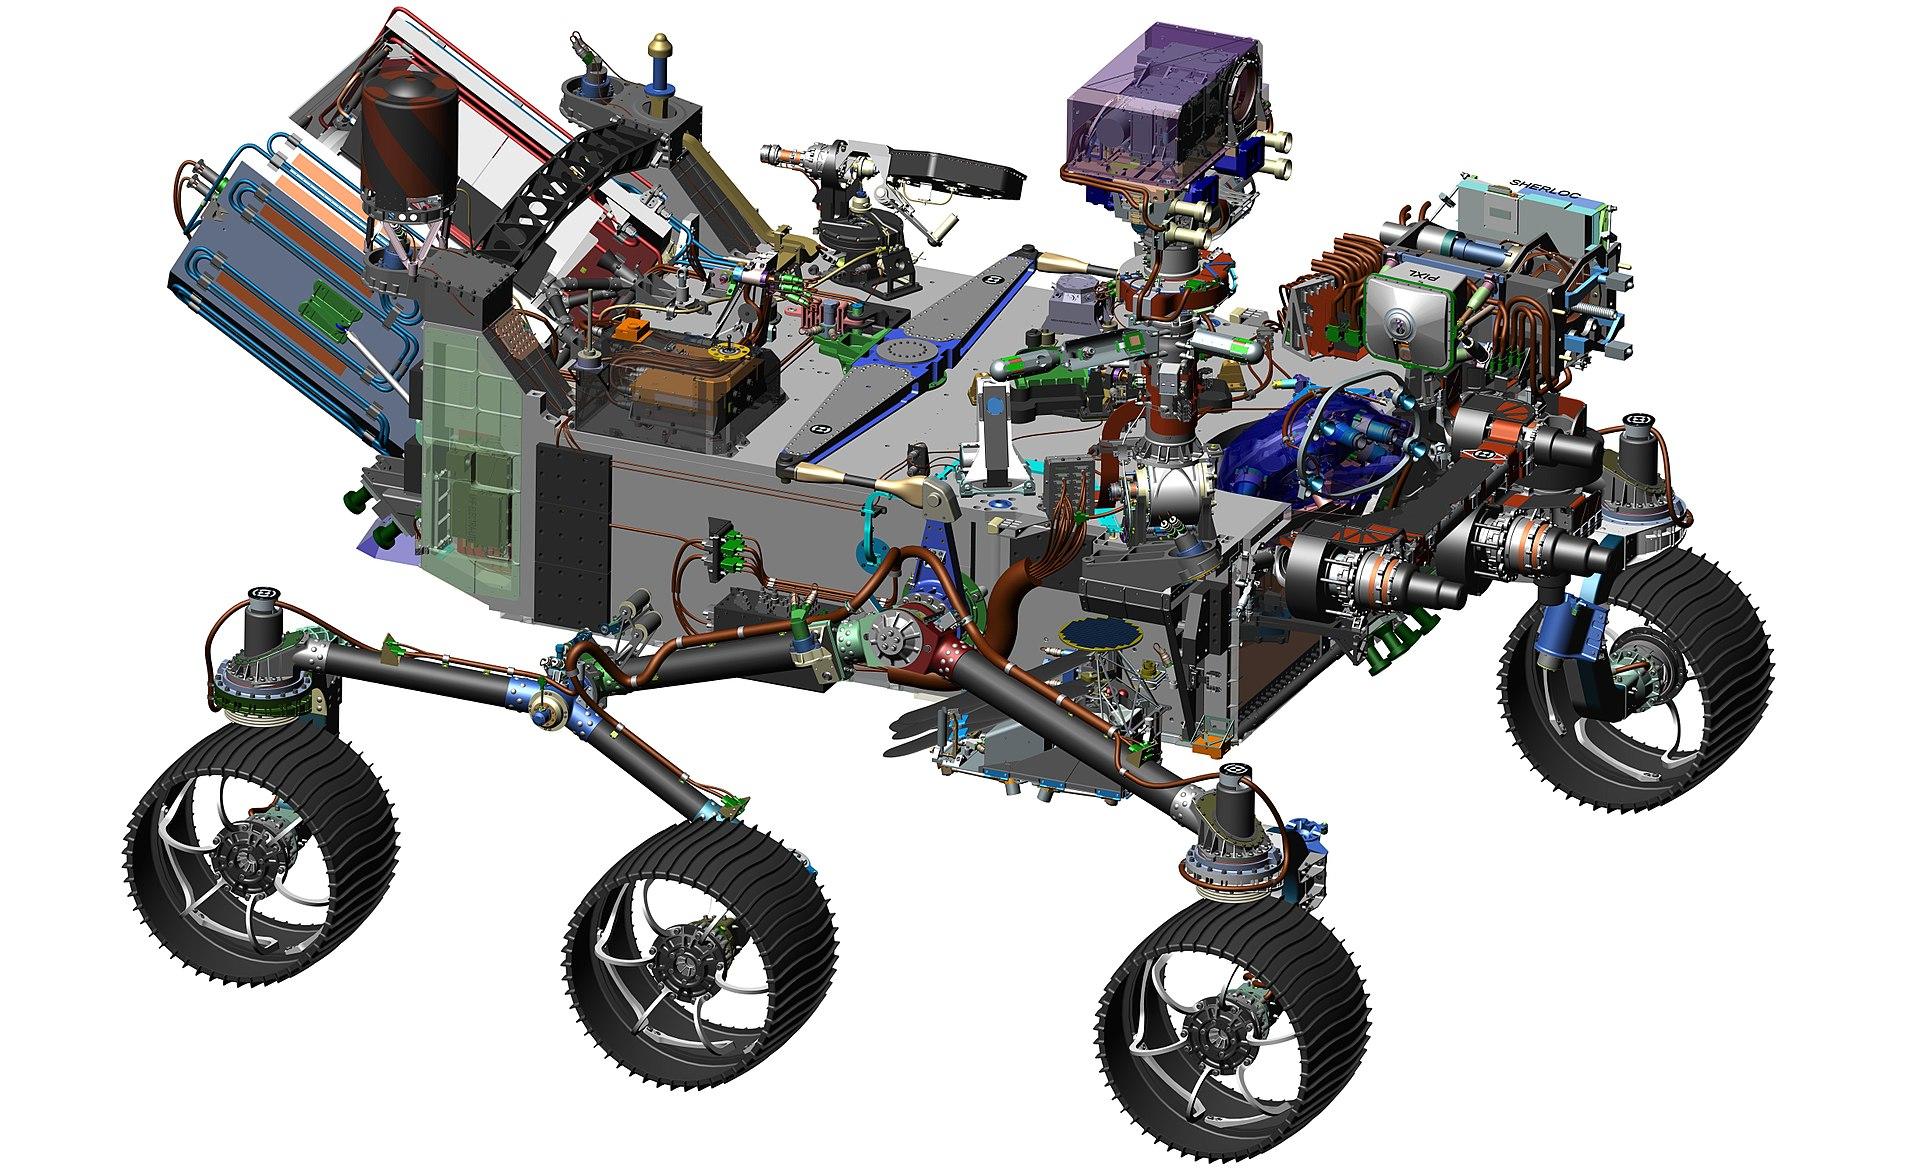 Разработчики марсохода следующего поколения используют ИИ для увеличения эффективности ровера - 1